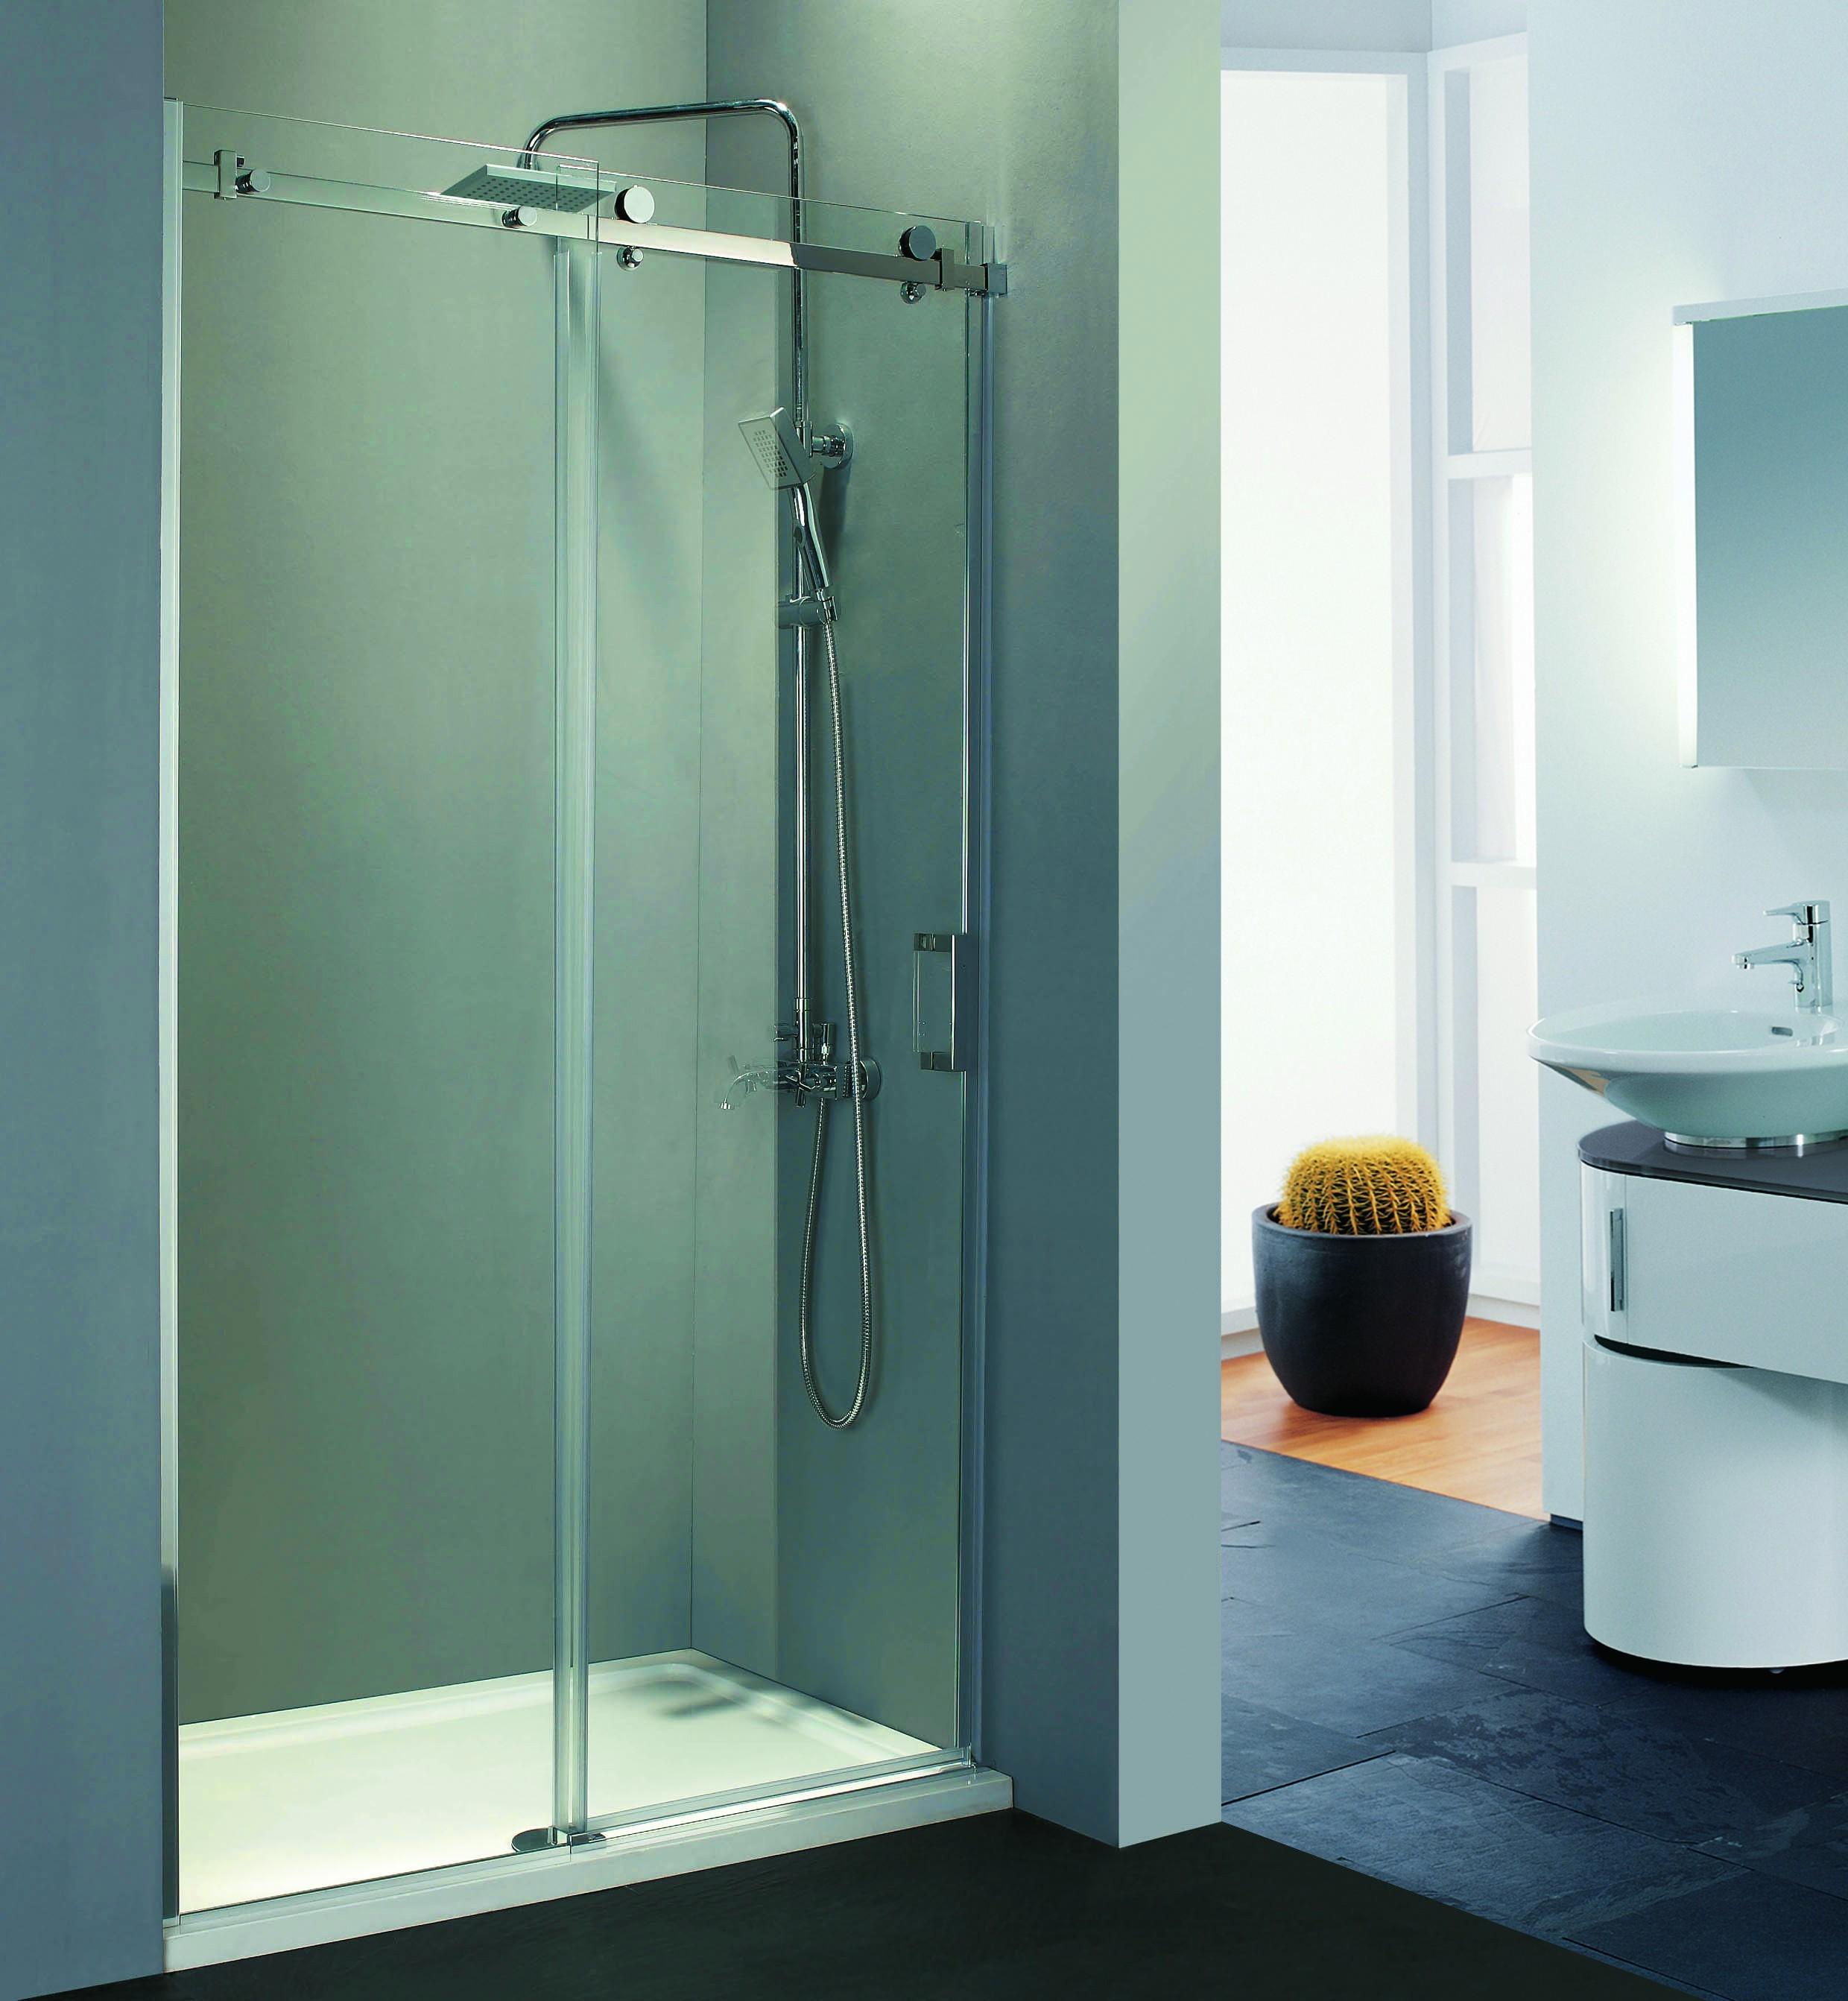 https://www.tegelensanitairmagazijn.nl/9231/beuhmer-slide-schuifdeur-rechts-120x200-cm-chroom-8-mm-dik-helder-glas.jpg